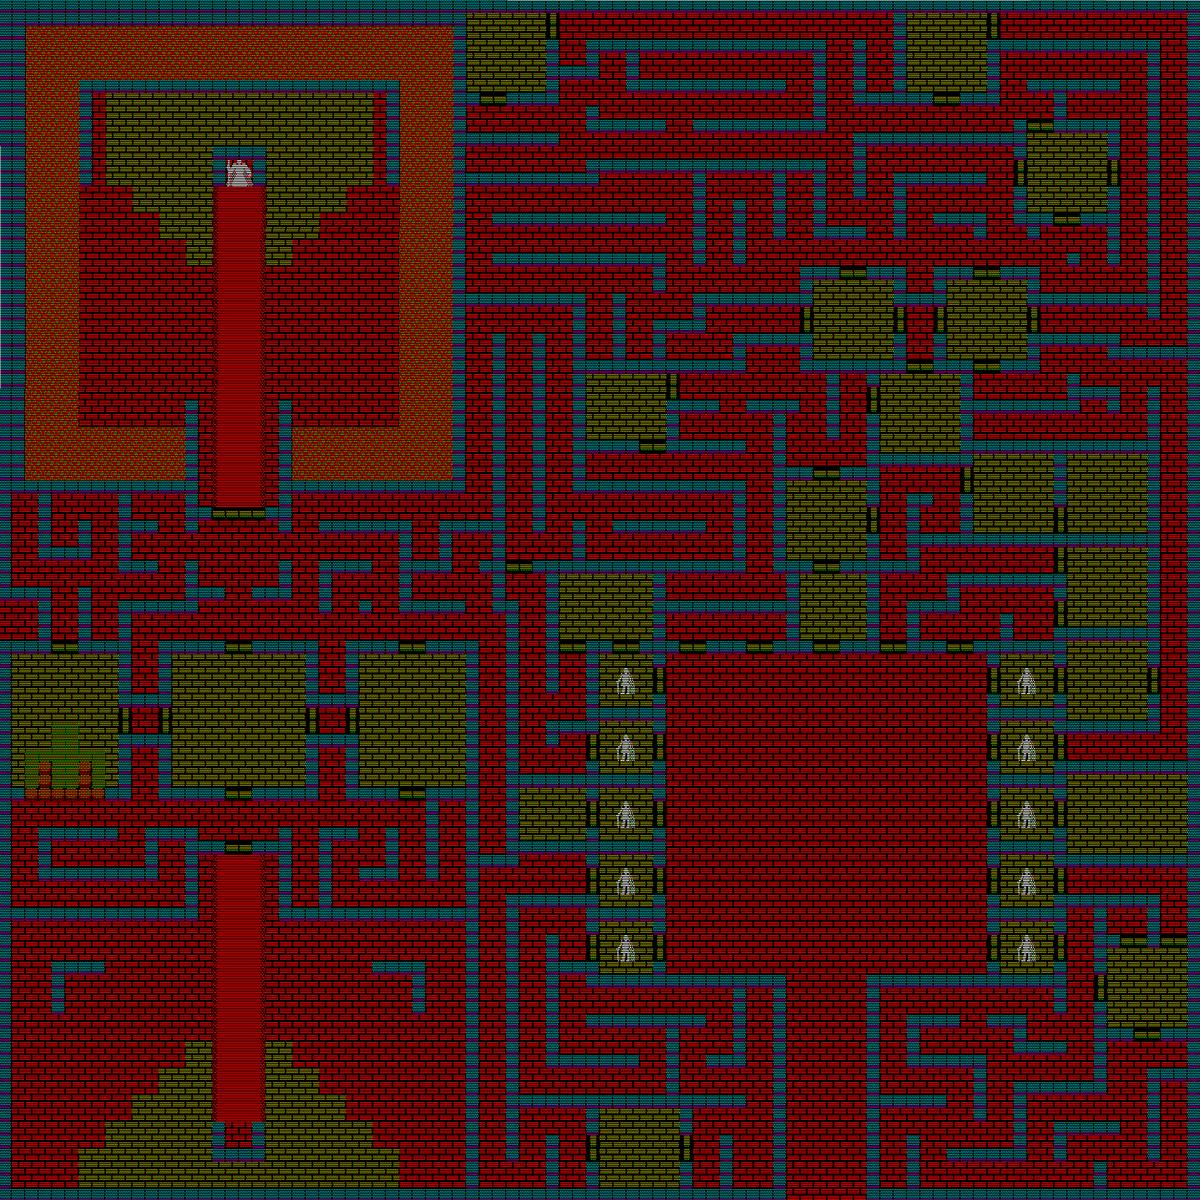 夢幻の心臓Ⅱ:魔神城のマップ